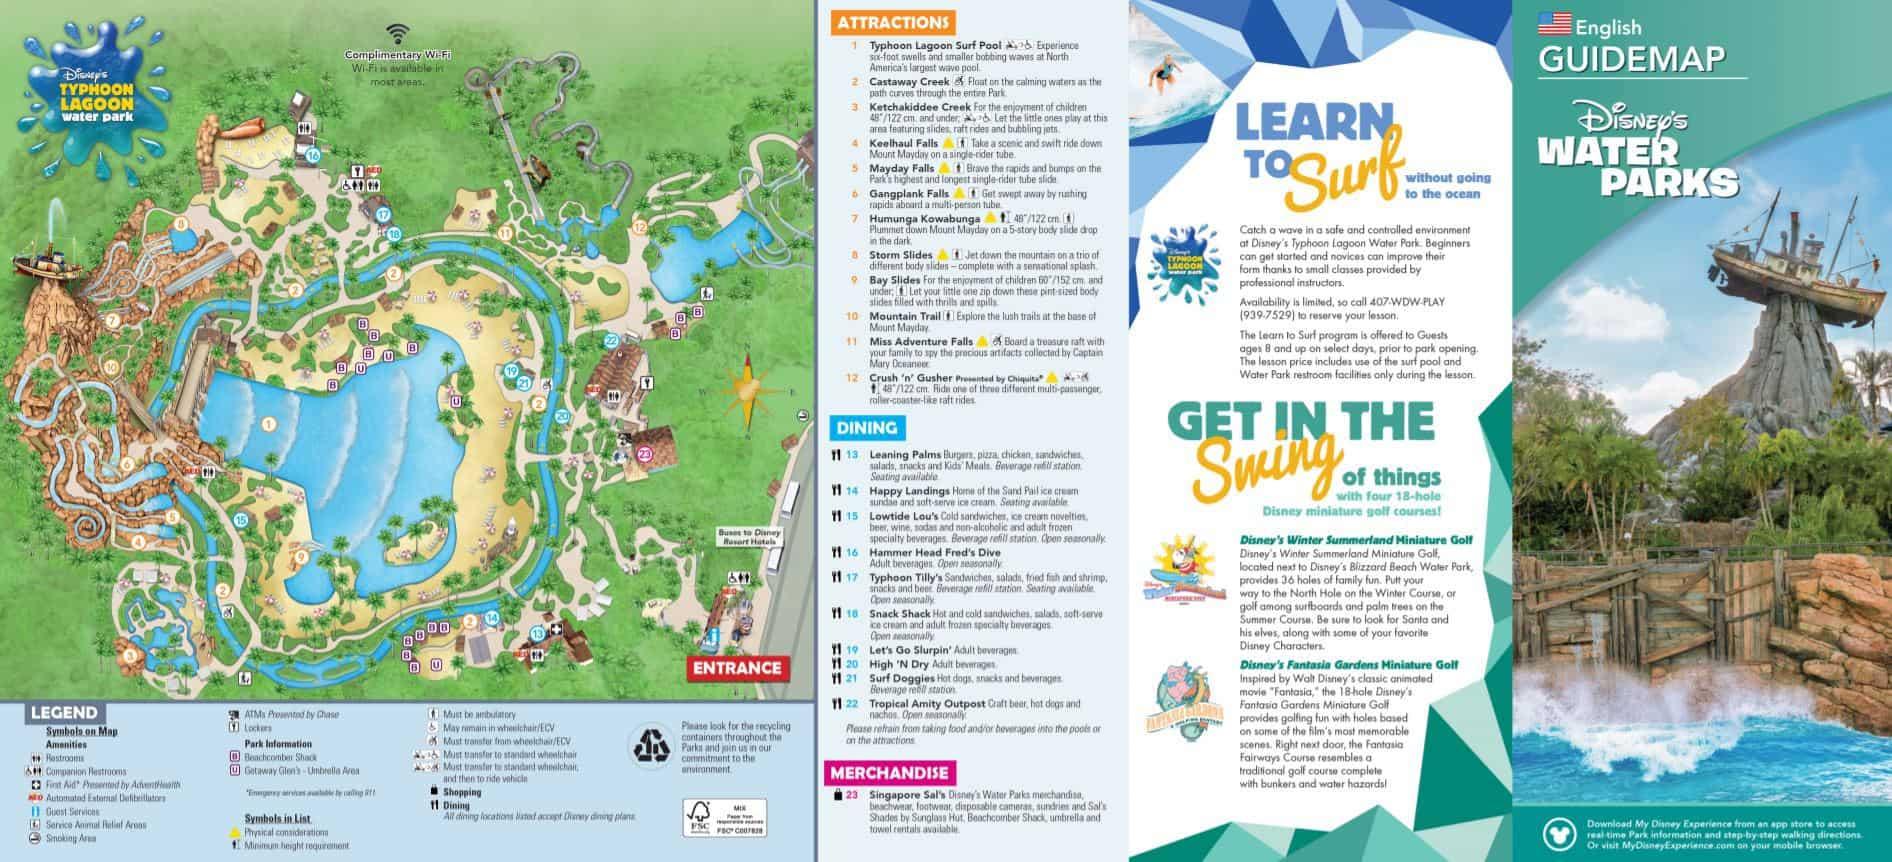 Map of Disney's Typhoon Lagoon Water Park